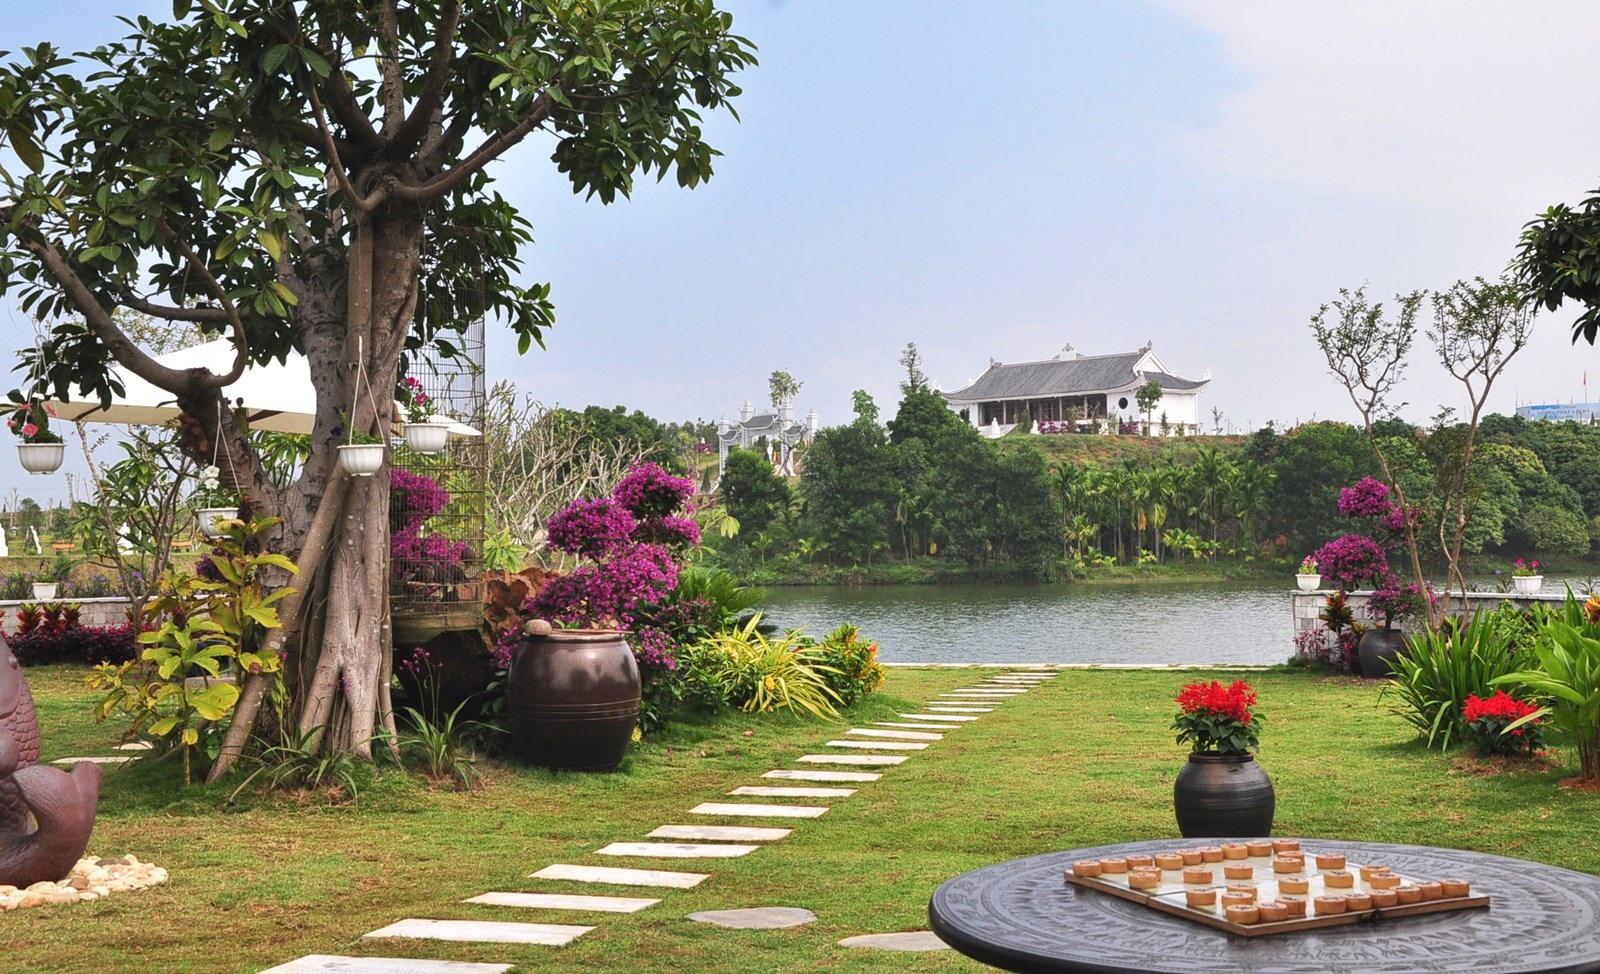 Nơi ông an nghỉ sẽ nằm cạnh một con sông nhỏ và được bài trí rất nhiều hoa, tiểu cảnh... để tựa như một tiểu công viên thực sự.